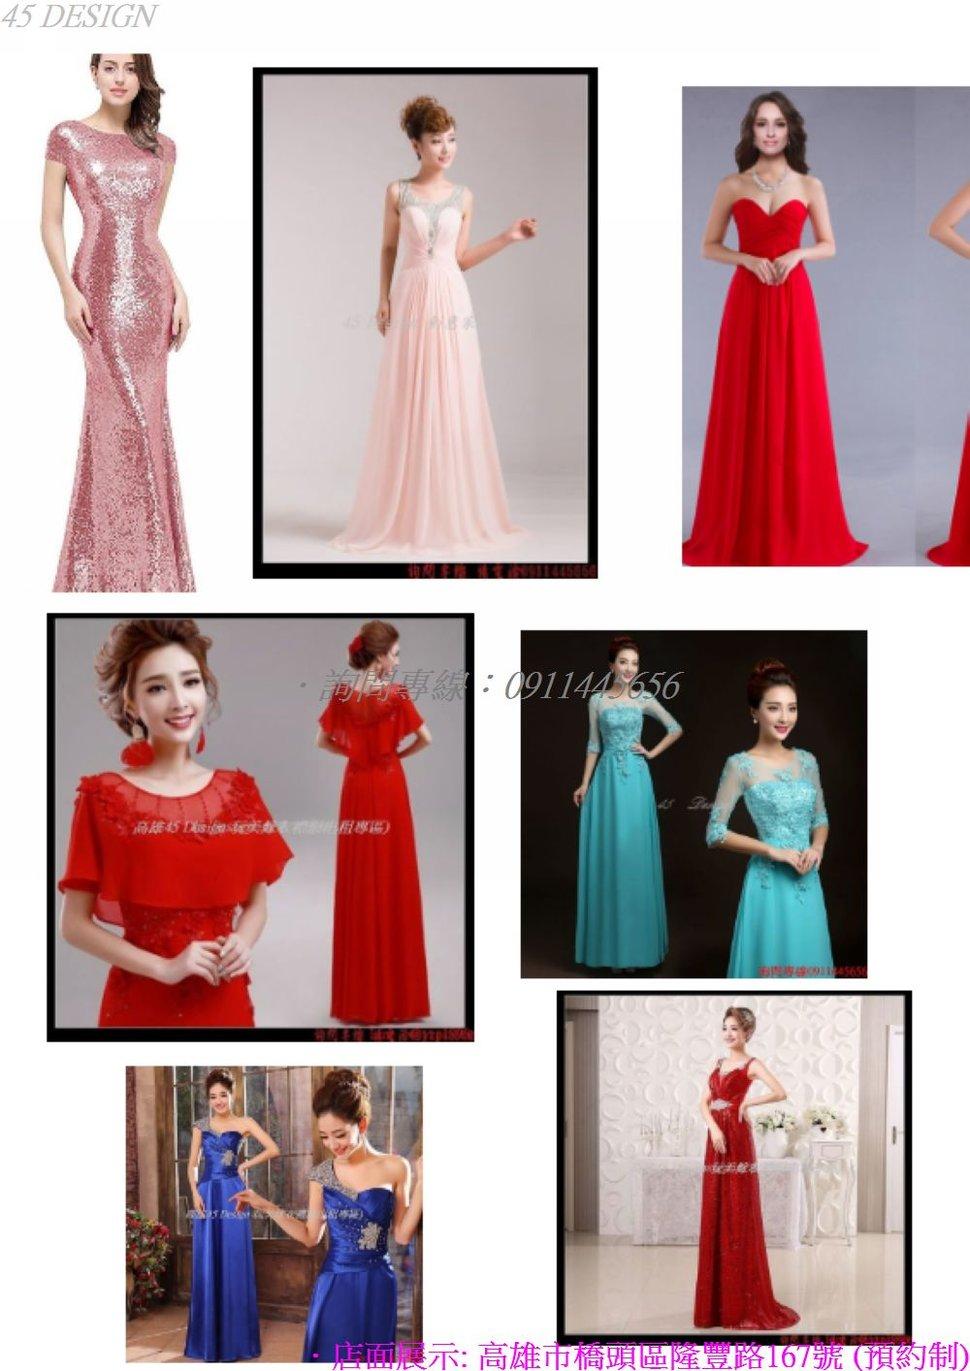 msl190815A1EFB2C3B0754AEC889521E77D65A46D - 全台最便宜-45DESIGN四五婚紗禮服《結婚吧》